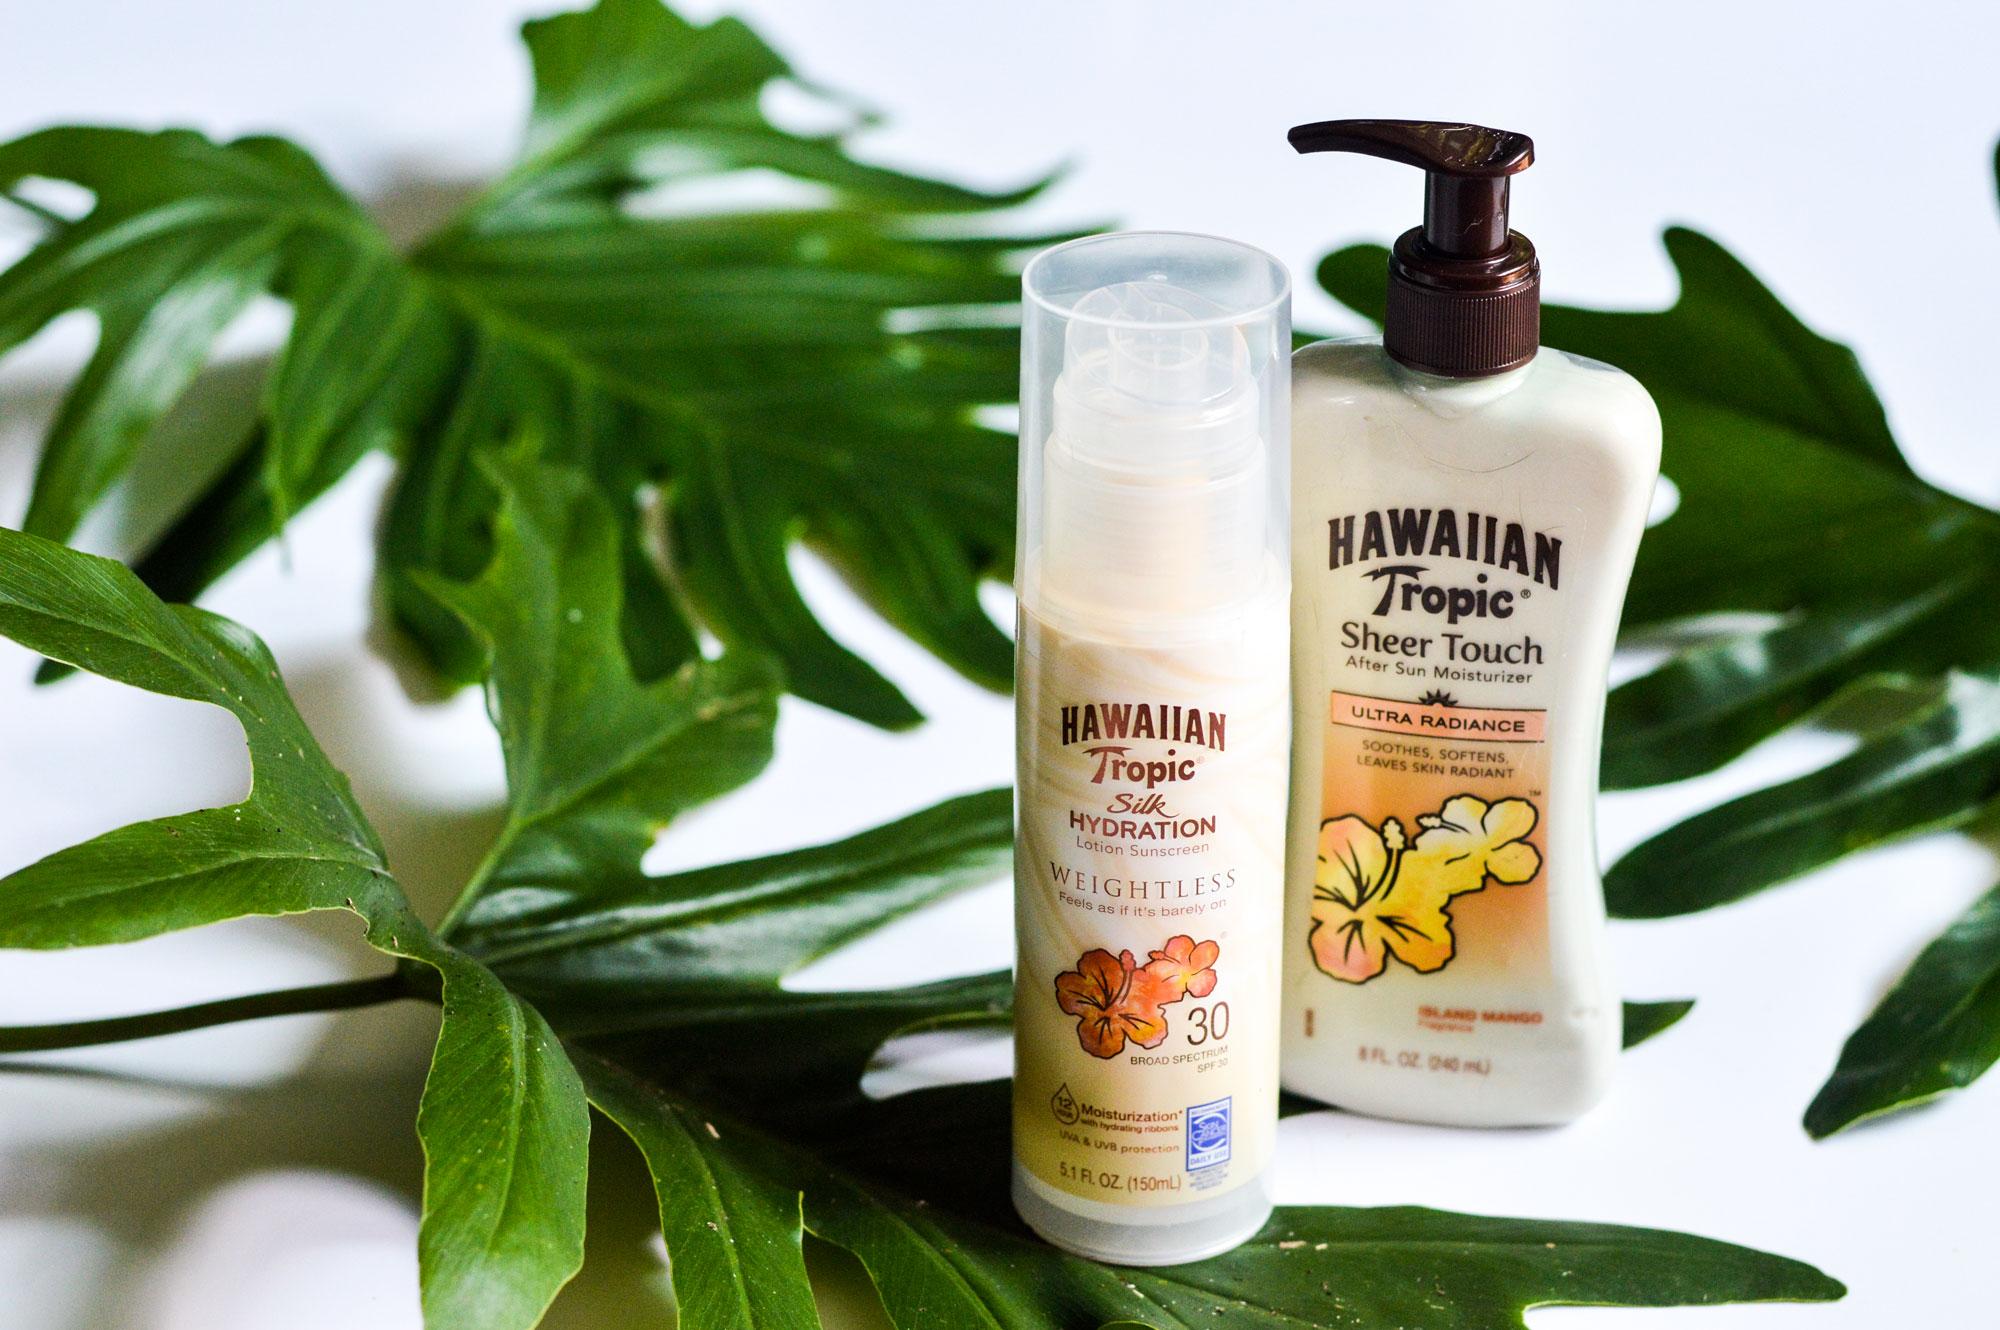 HawaiianTropicProducts